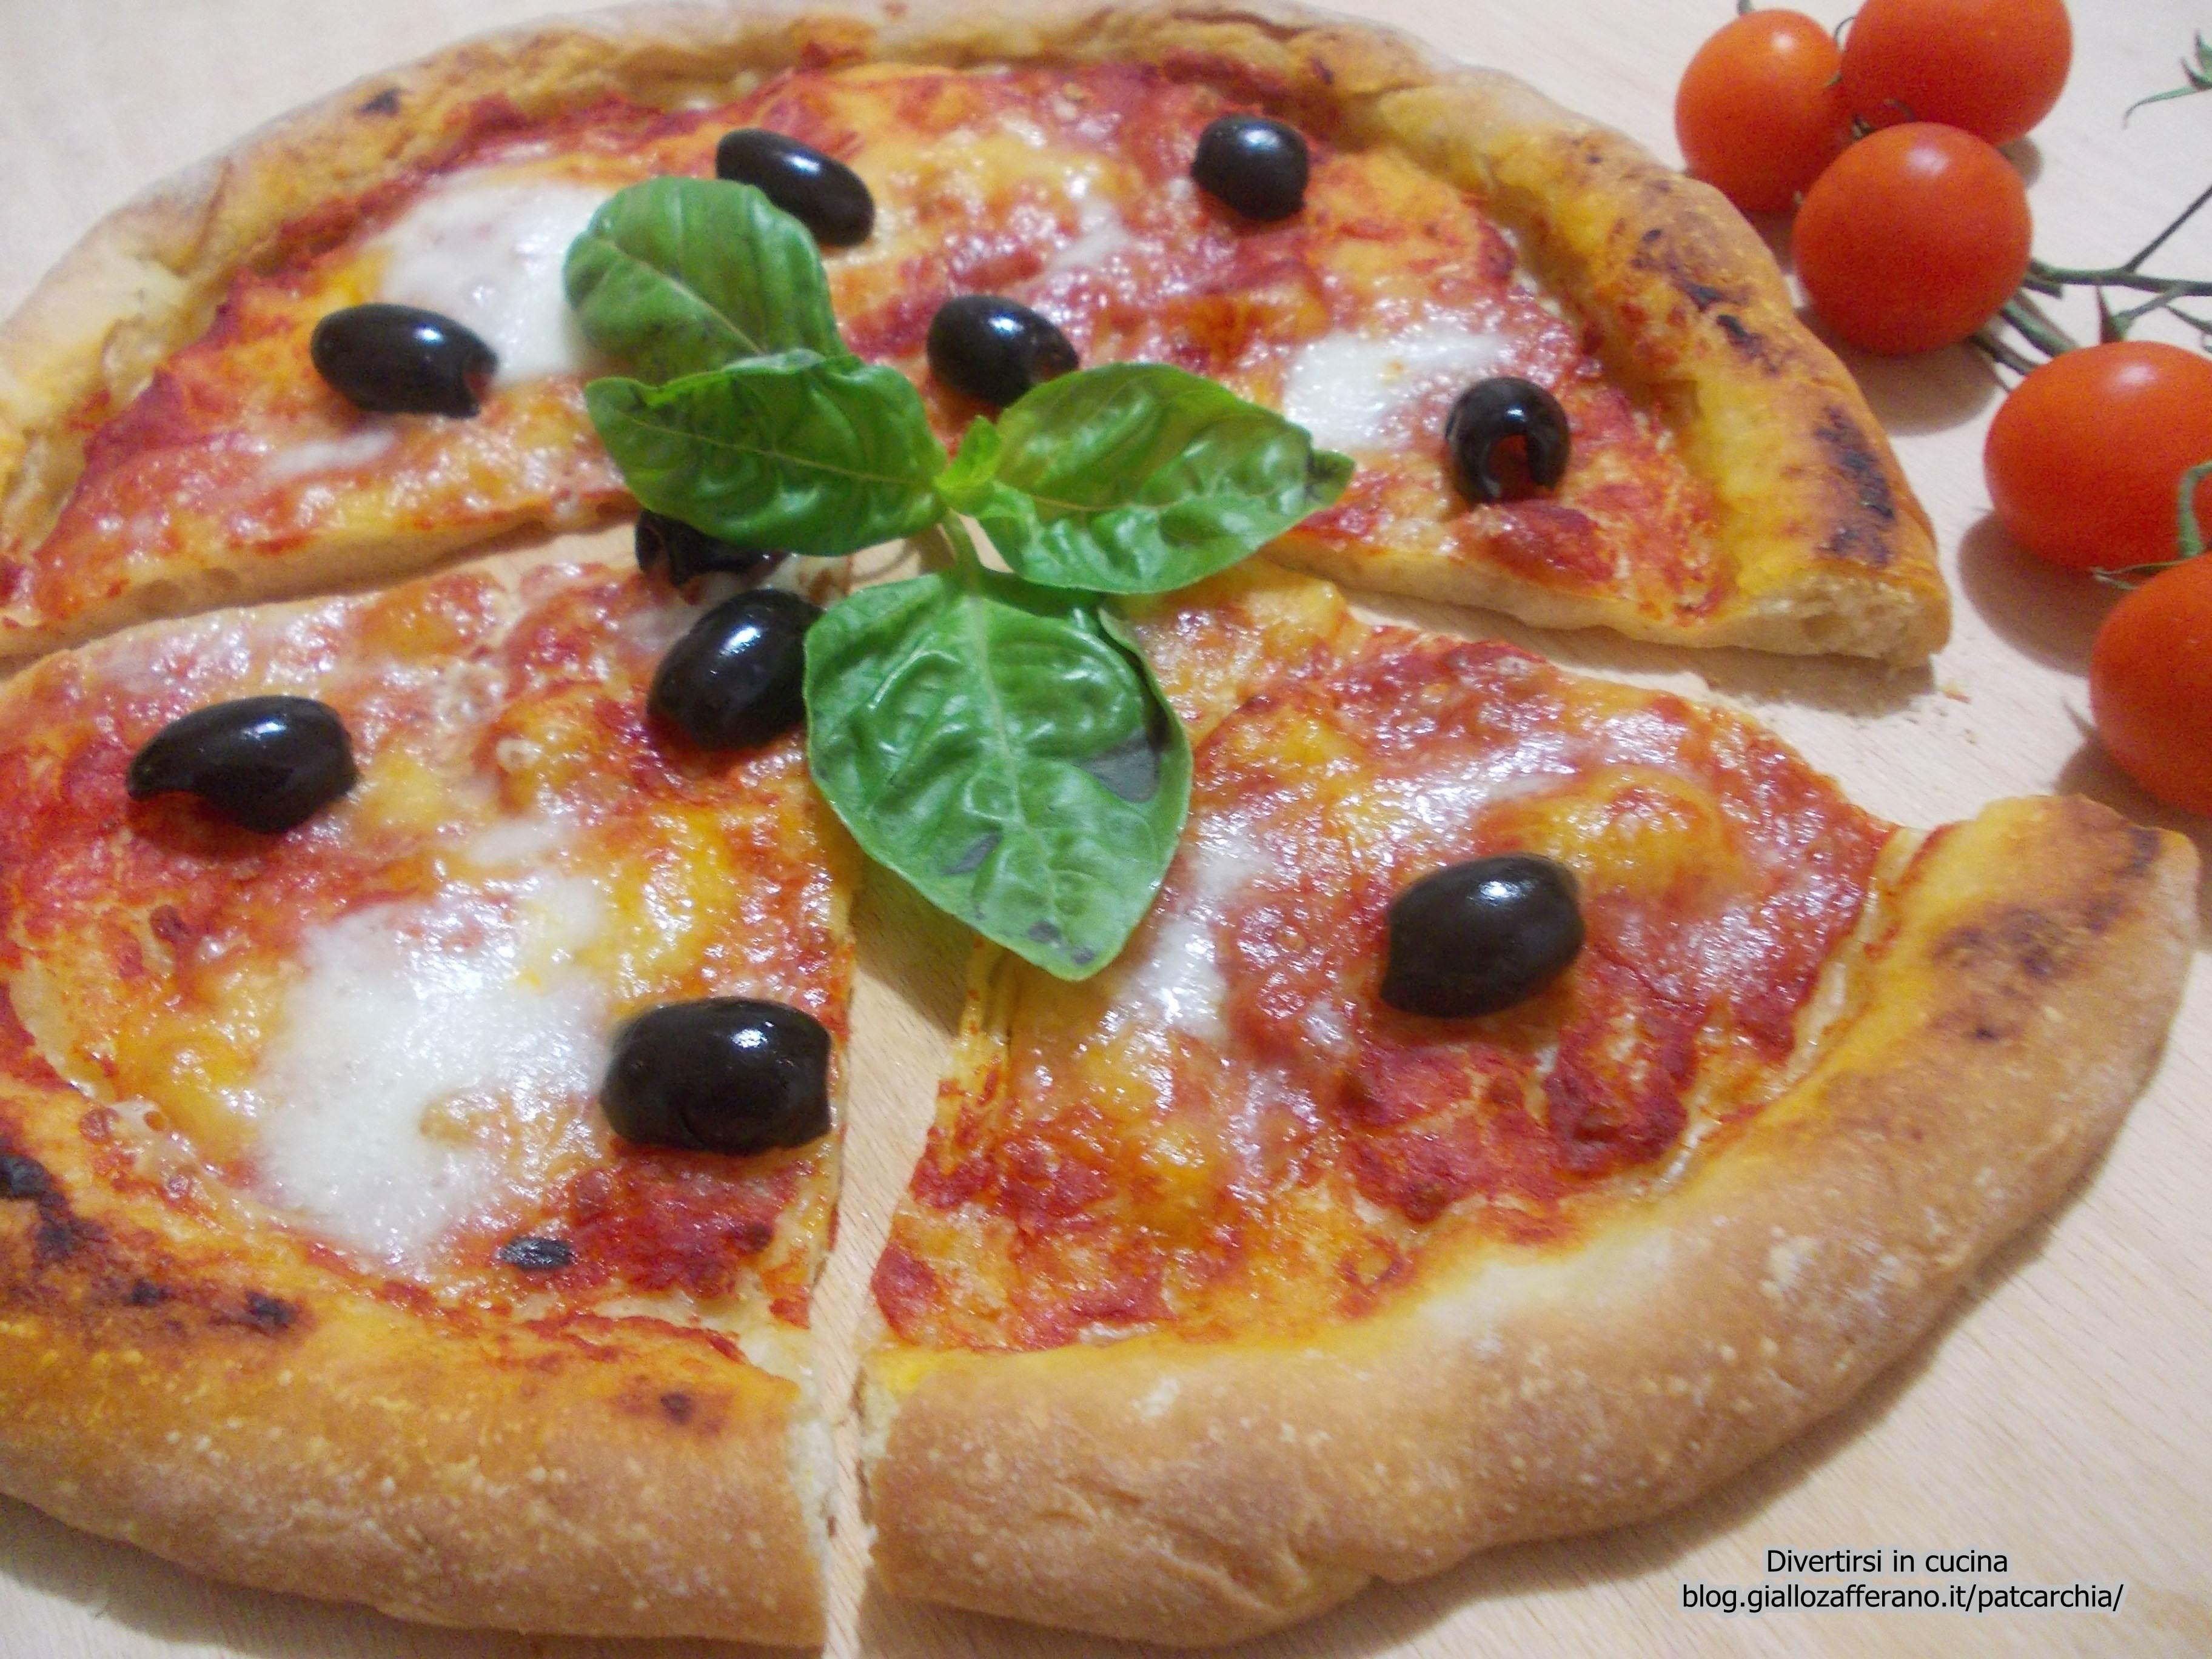 pizza napoletana ricetta base facile | divertirsi in cucina - Cucinare Pizza